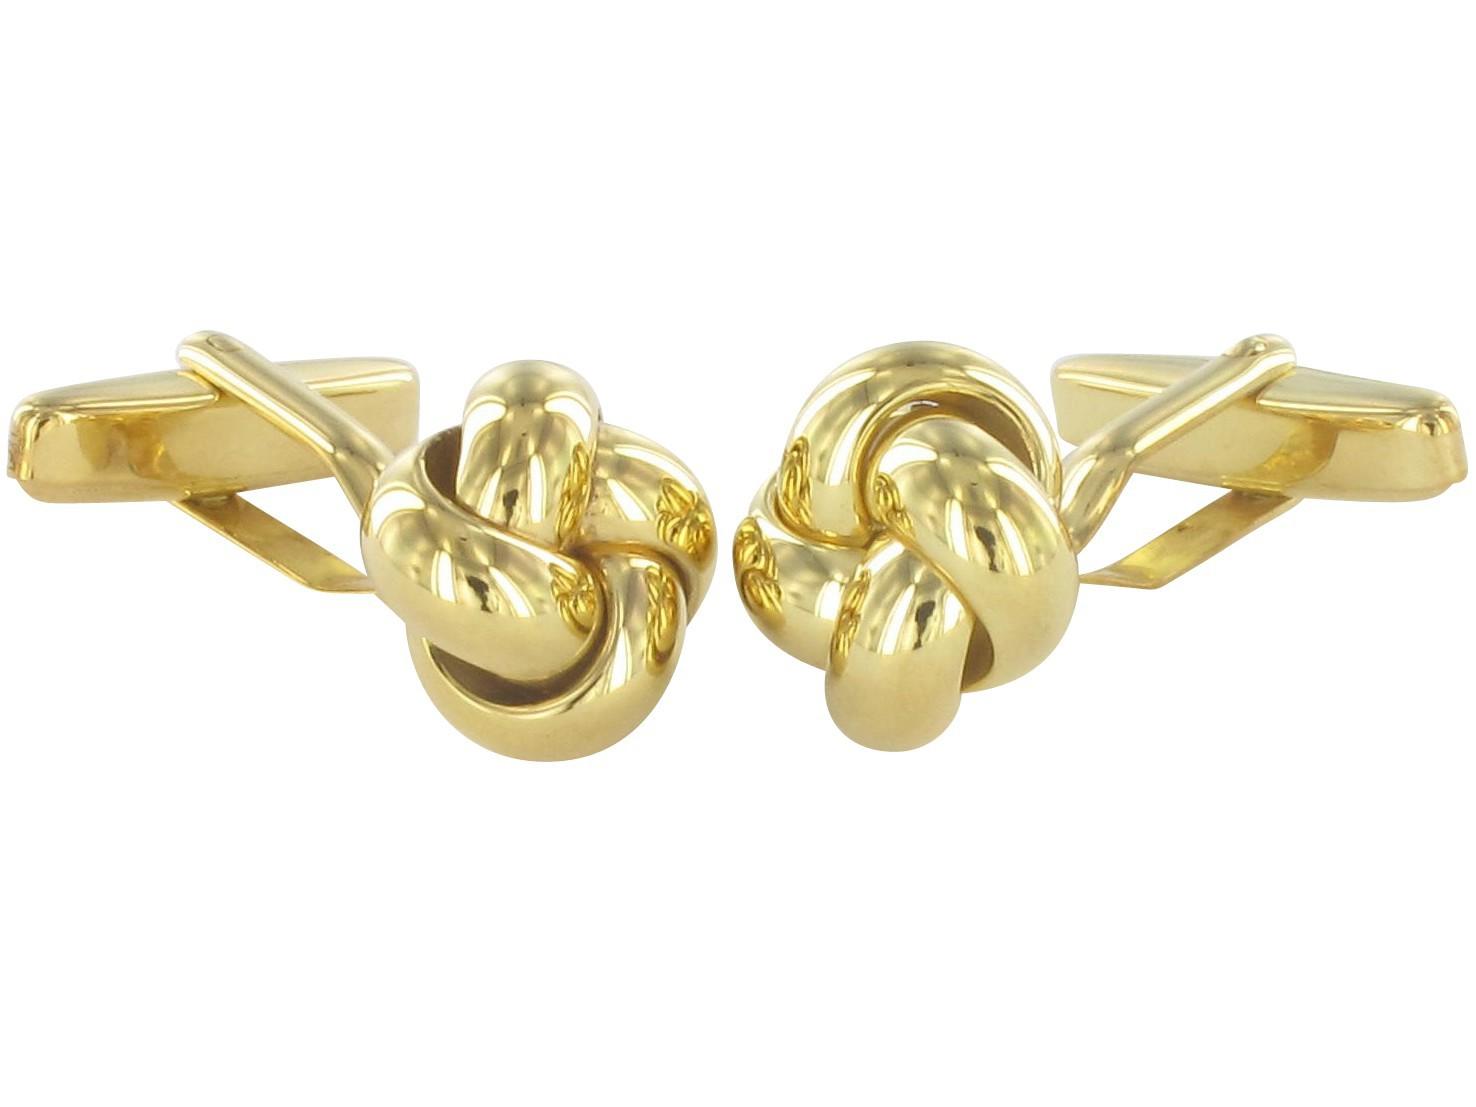 Grom Manschettenknöpfe in Knoten-Form aus 333er Gold